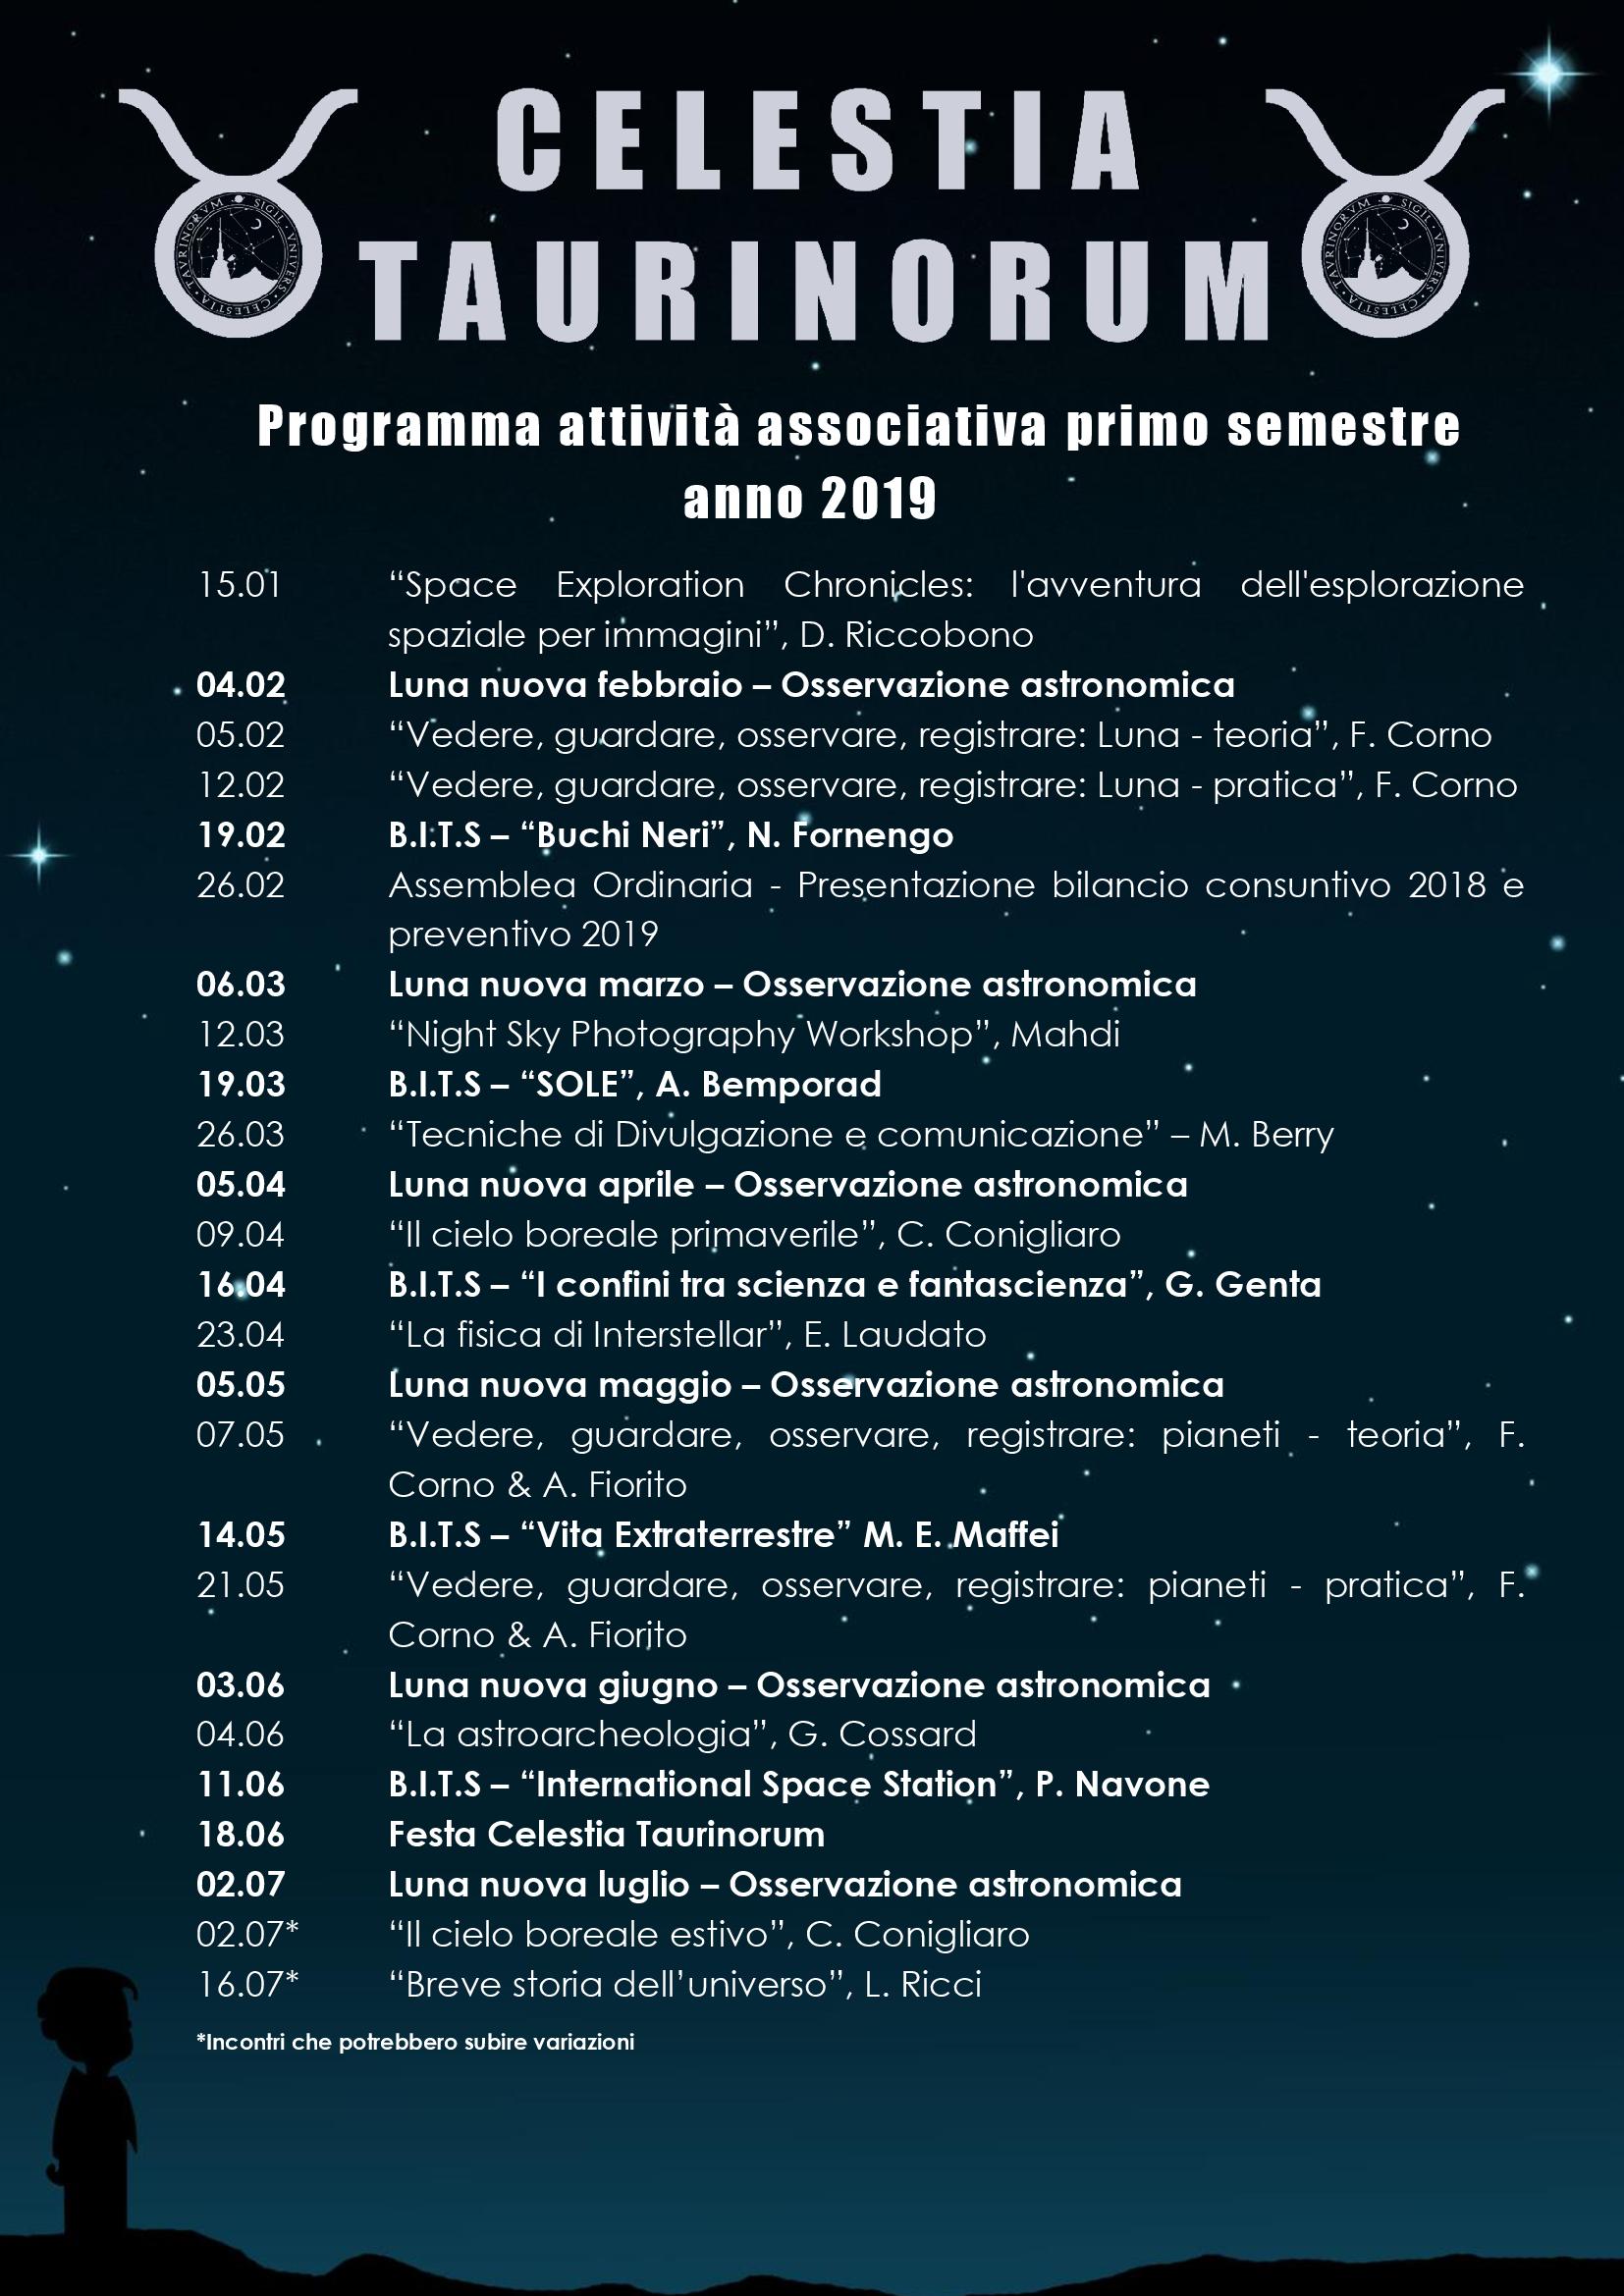 Programma attività 2019